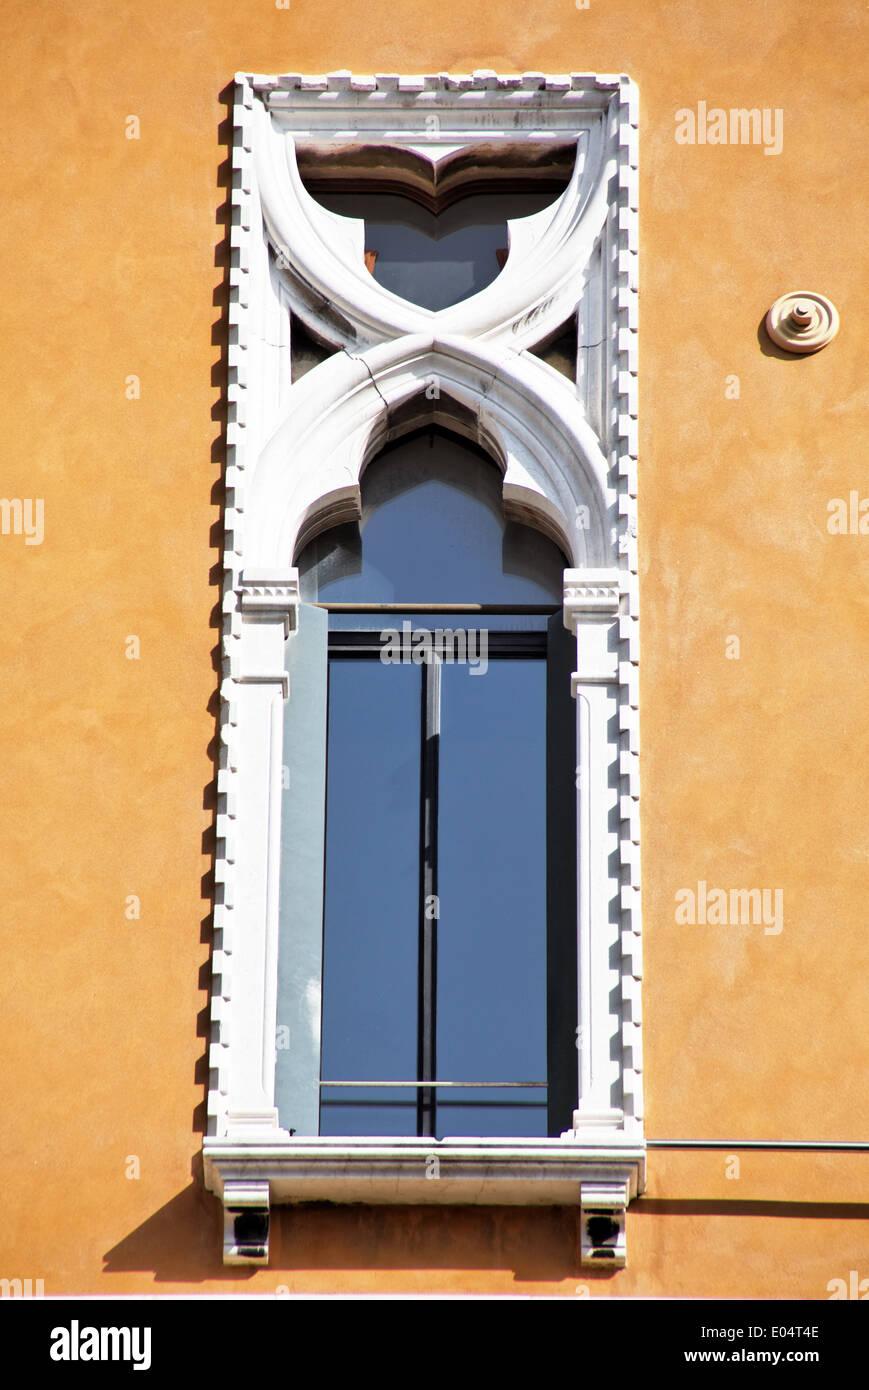 Window in the Venetian styles with costly Stuk decoration, Fenster im venezianischen Stil mit aufwendiger Stuk Verzierung - Stock Image